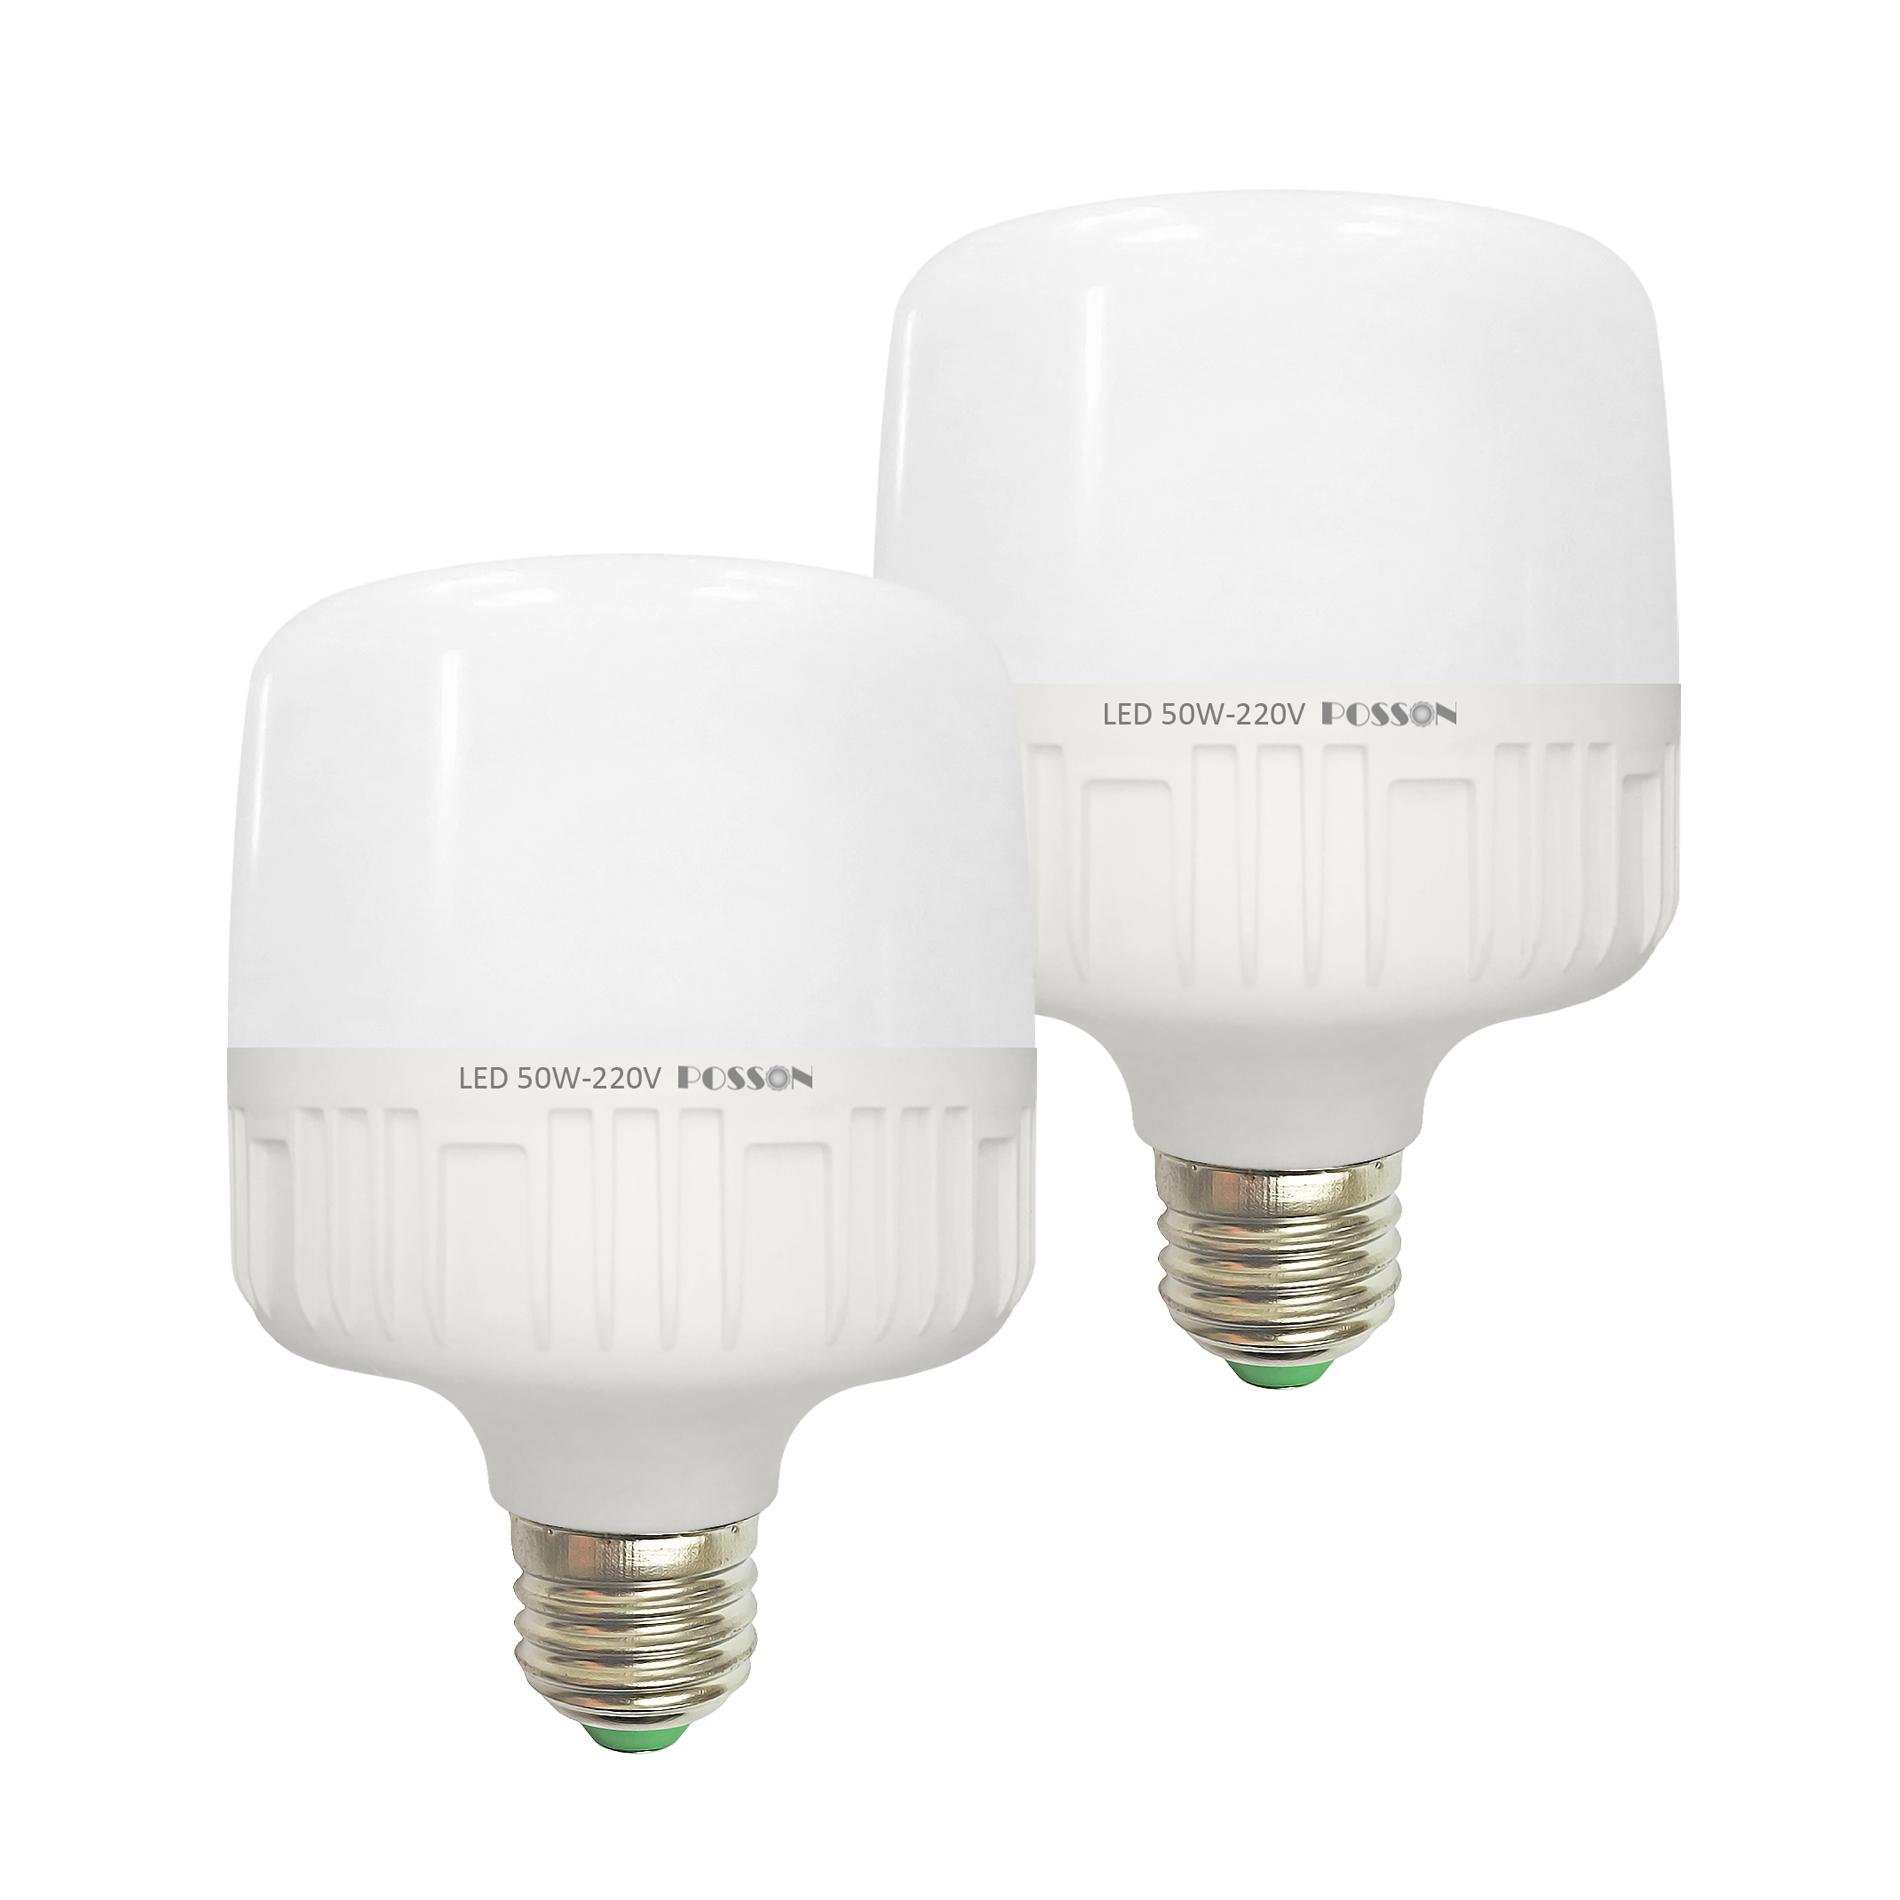 2 Bóng đèn Led trụ 50w siêu sáng tiết kiệm điện kín chống nước Posson LC-H50x